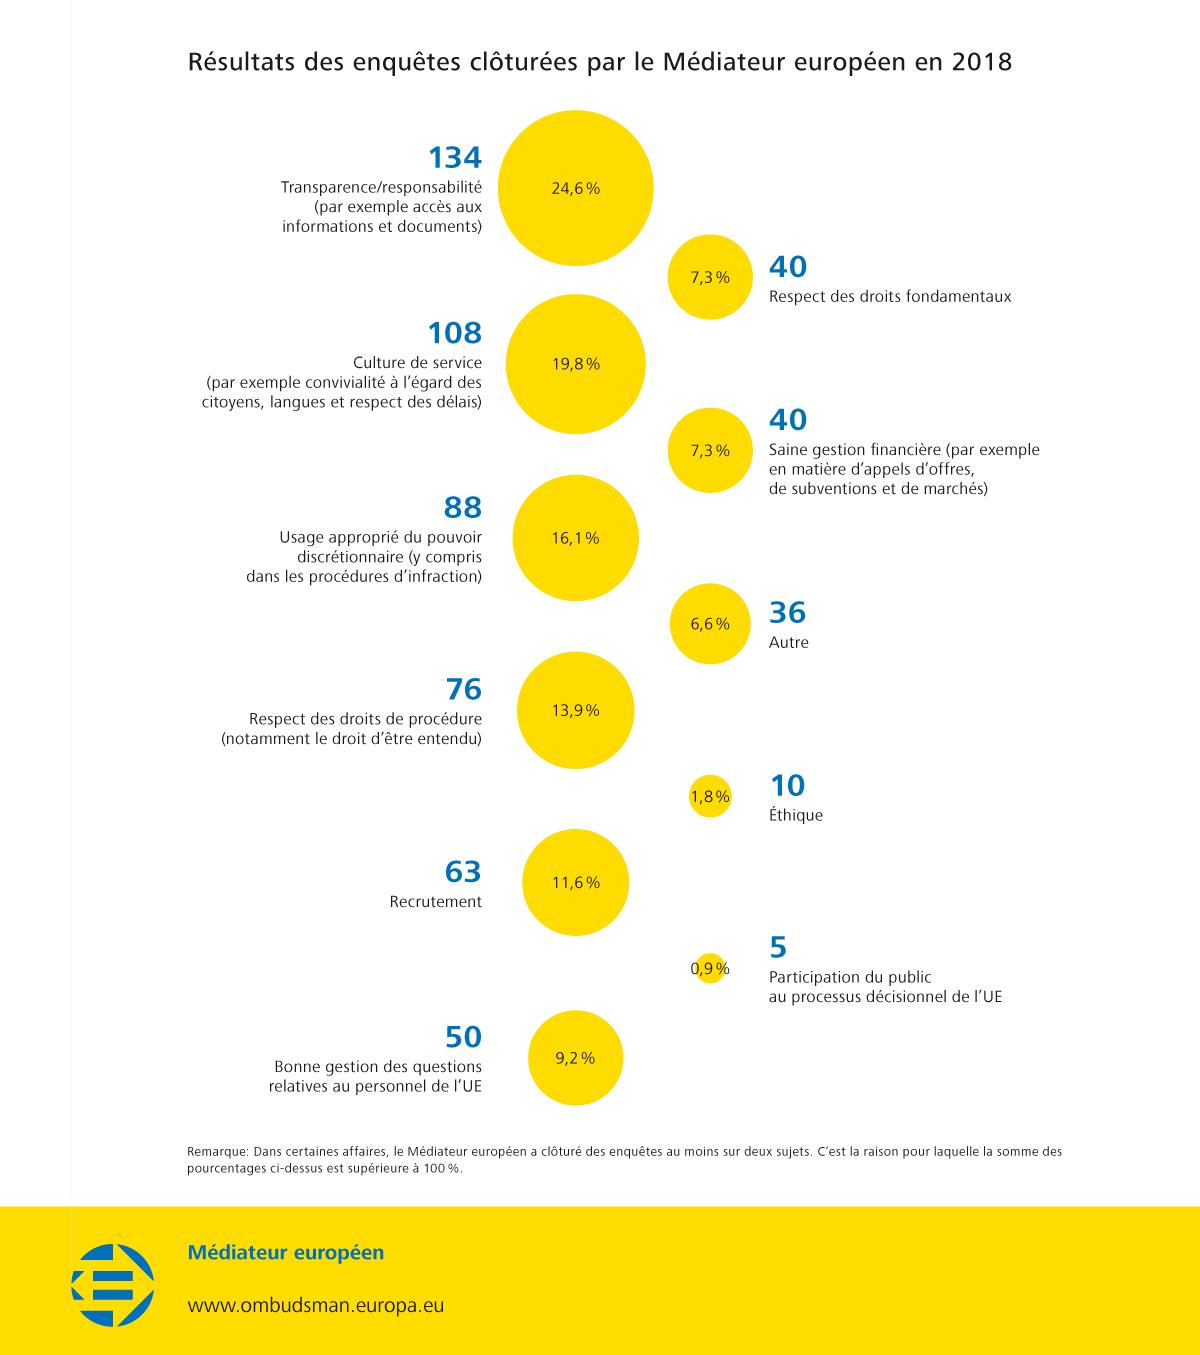 Résultats des enquêtes clôturées par le Médiateur européen en 2018